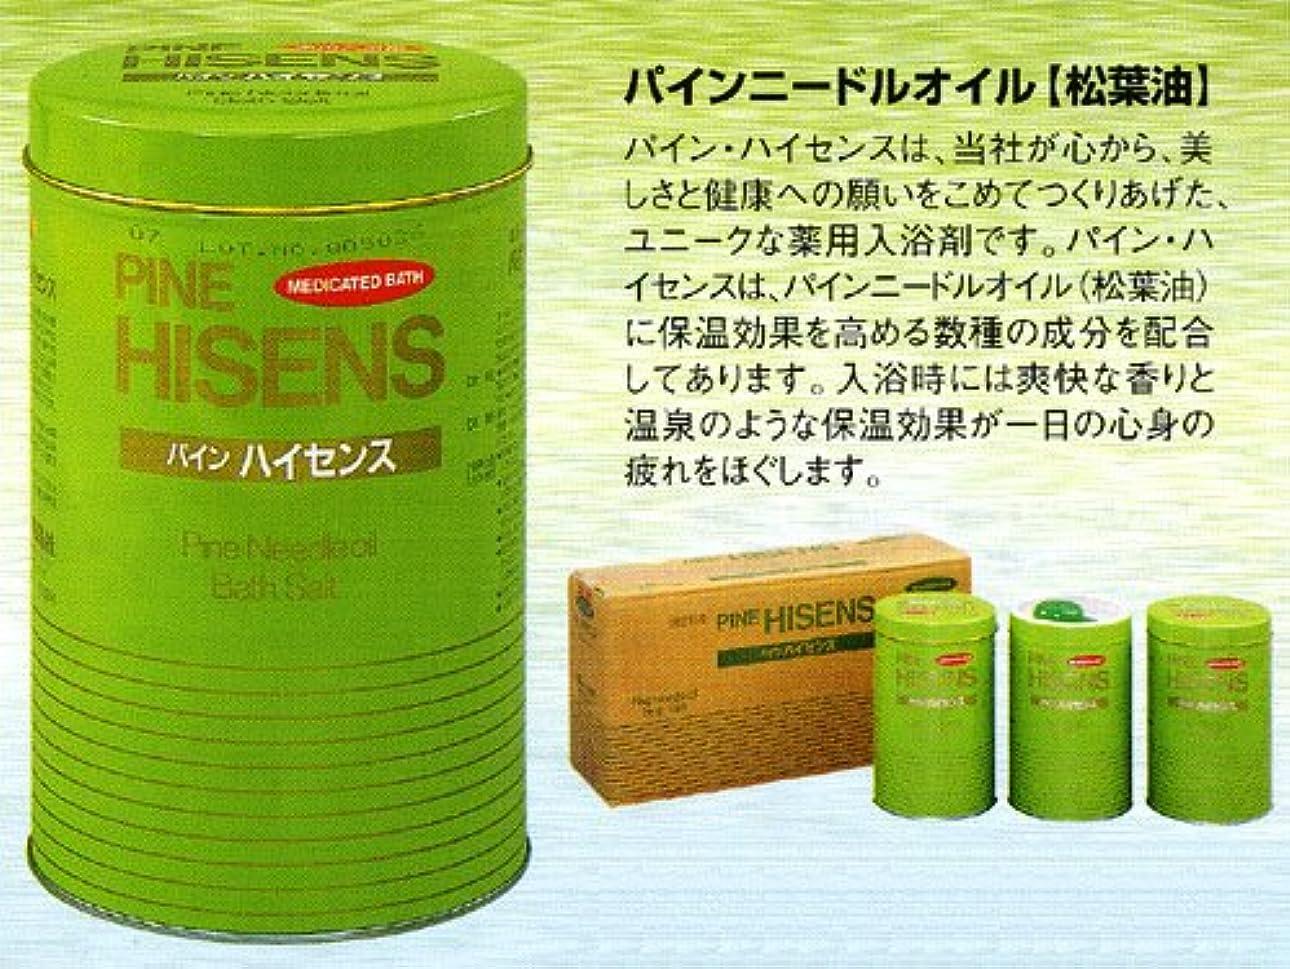 騒々しい血試験高陽社 薬用入浴剤 パインハイセンス 2.1kg 3缶セット